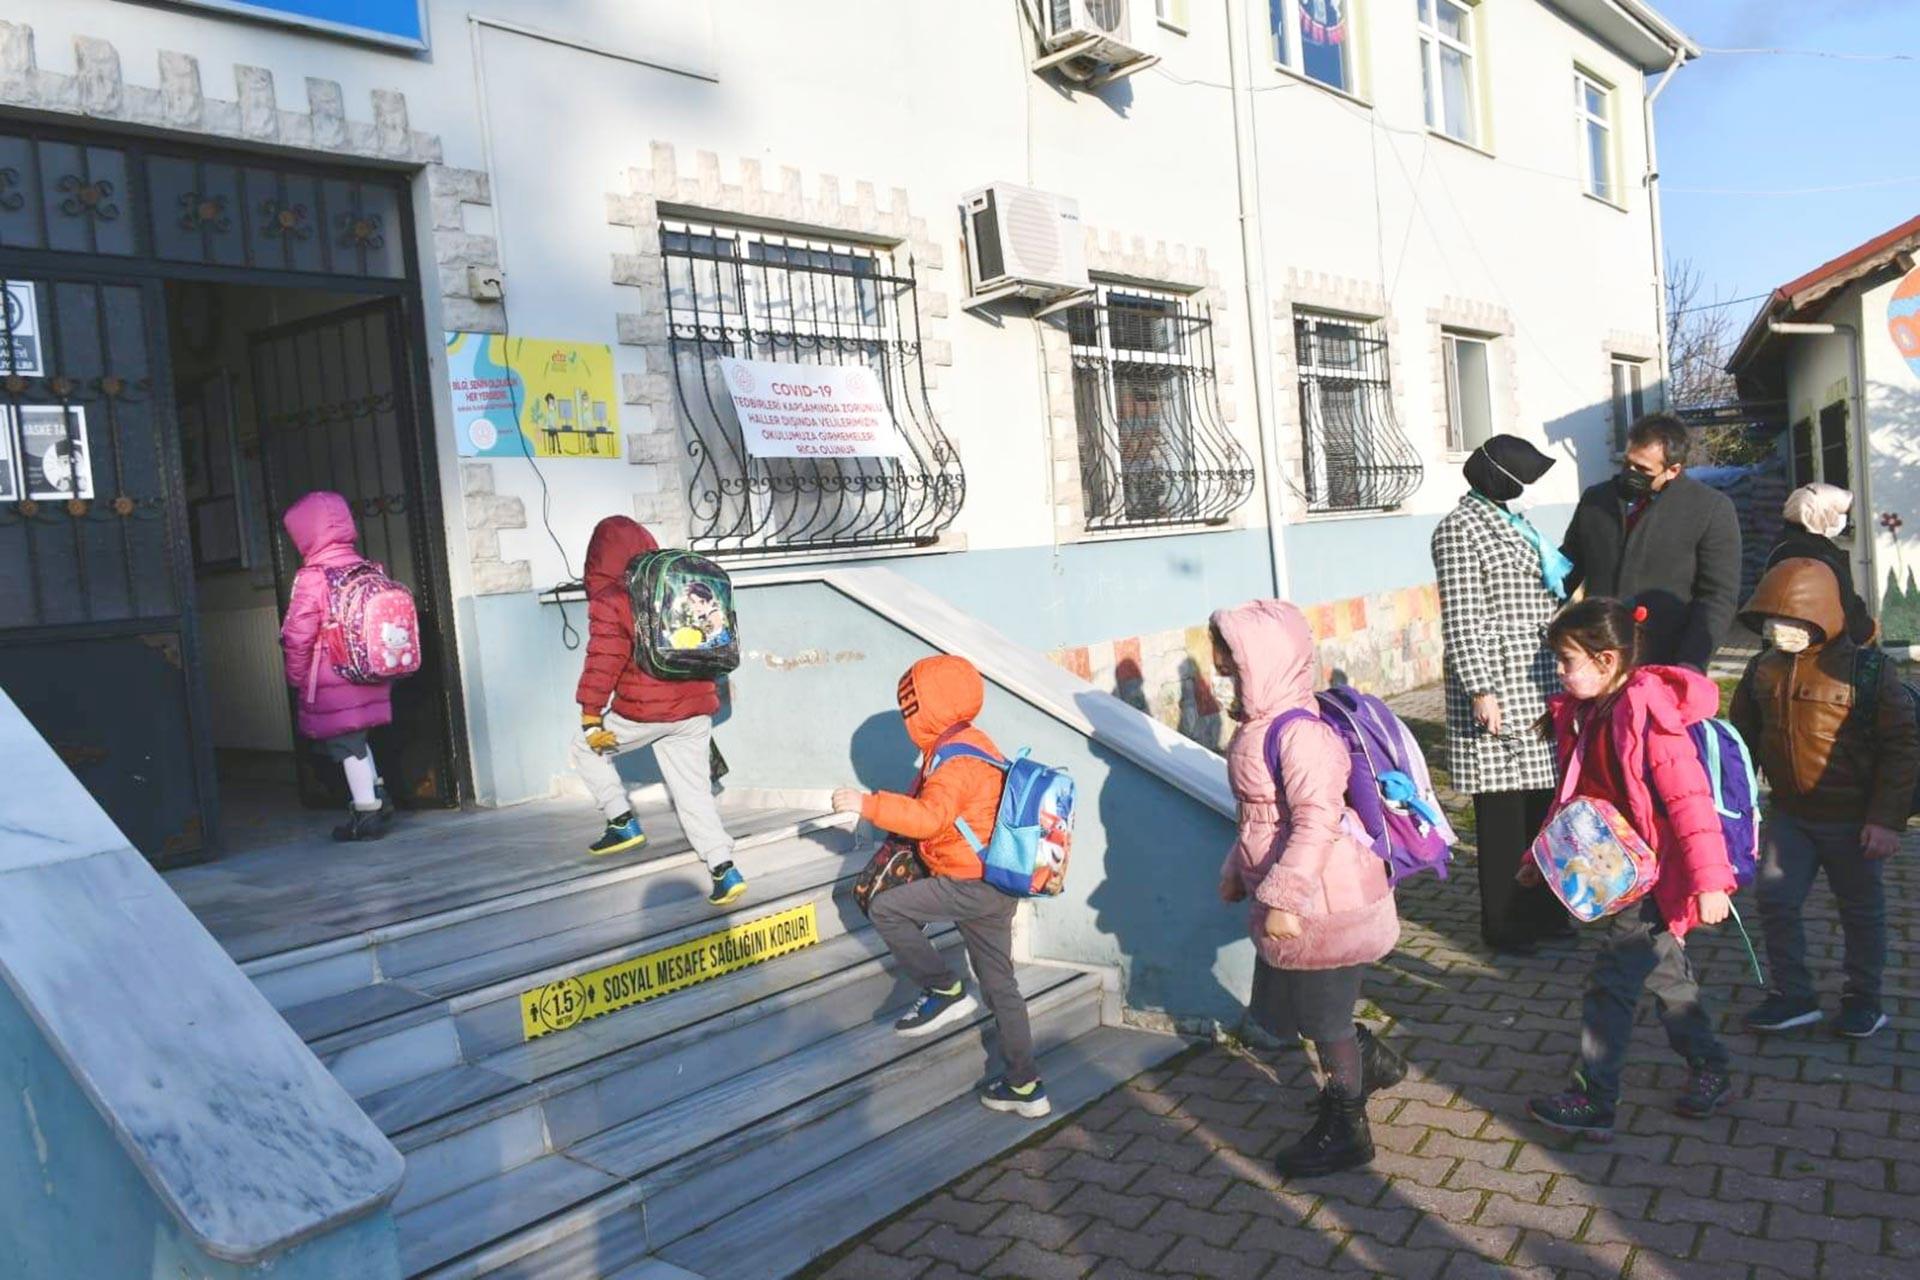 Samsun'da bir köy okuluna giren öğrenciler